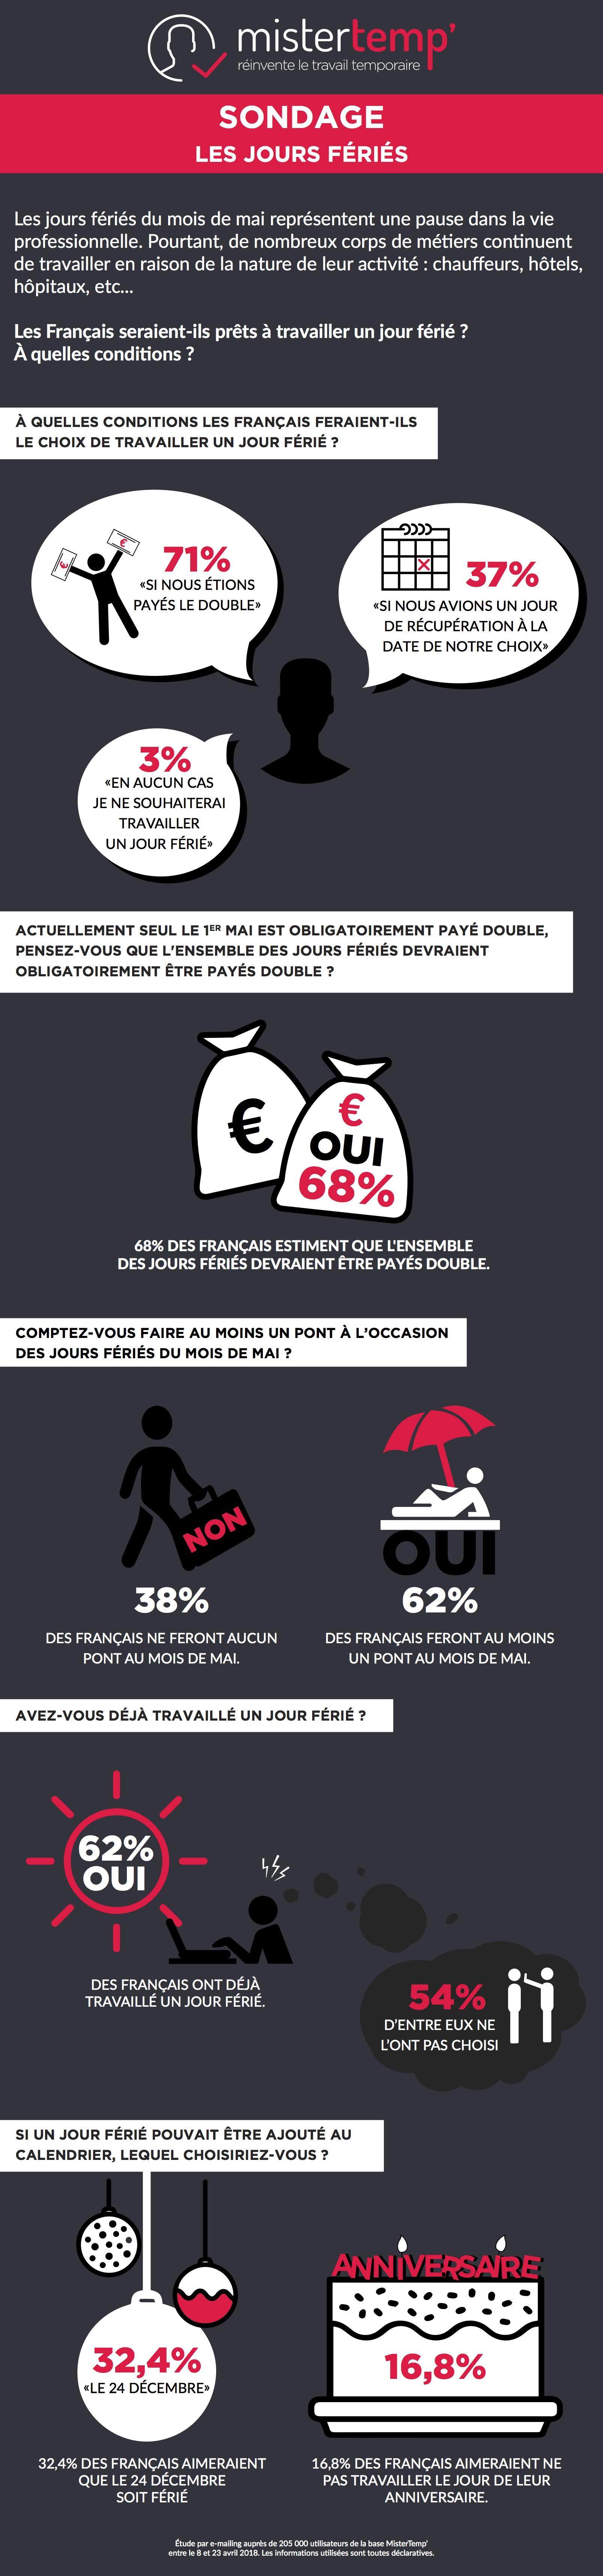 infographie-sondage-jours-fériés